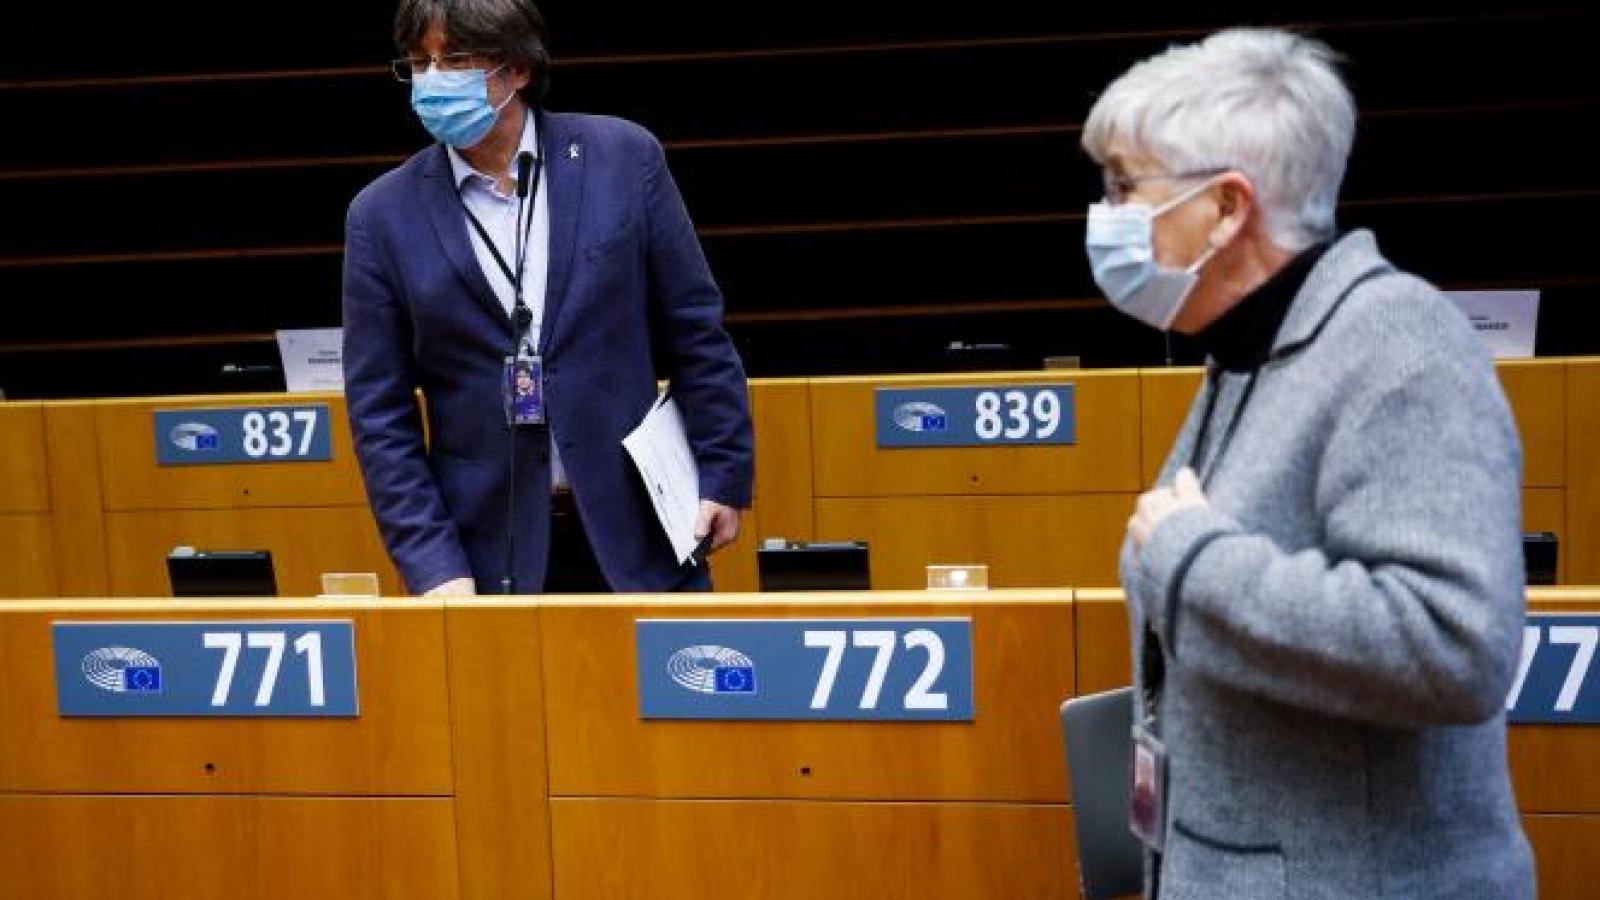 Nghị viện châu Âu tước quyền miễn trừ của cựu lãnh đạo ly khai vùng Catalonia